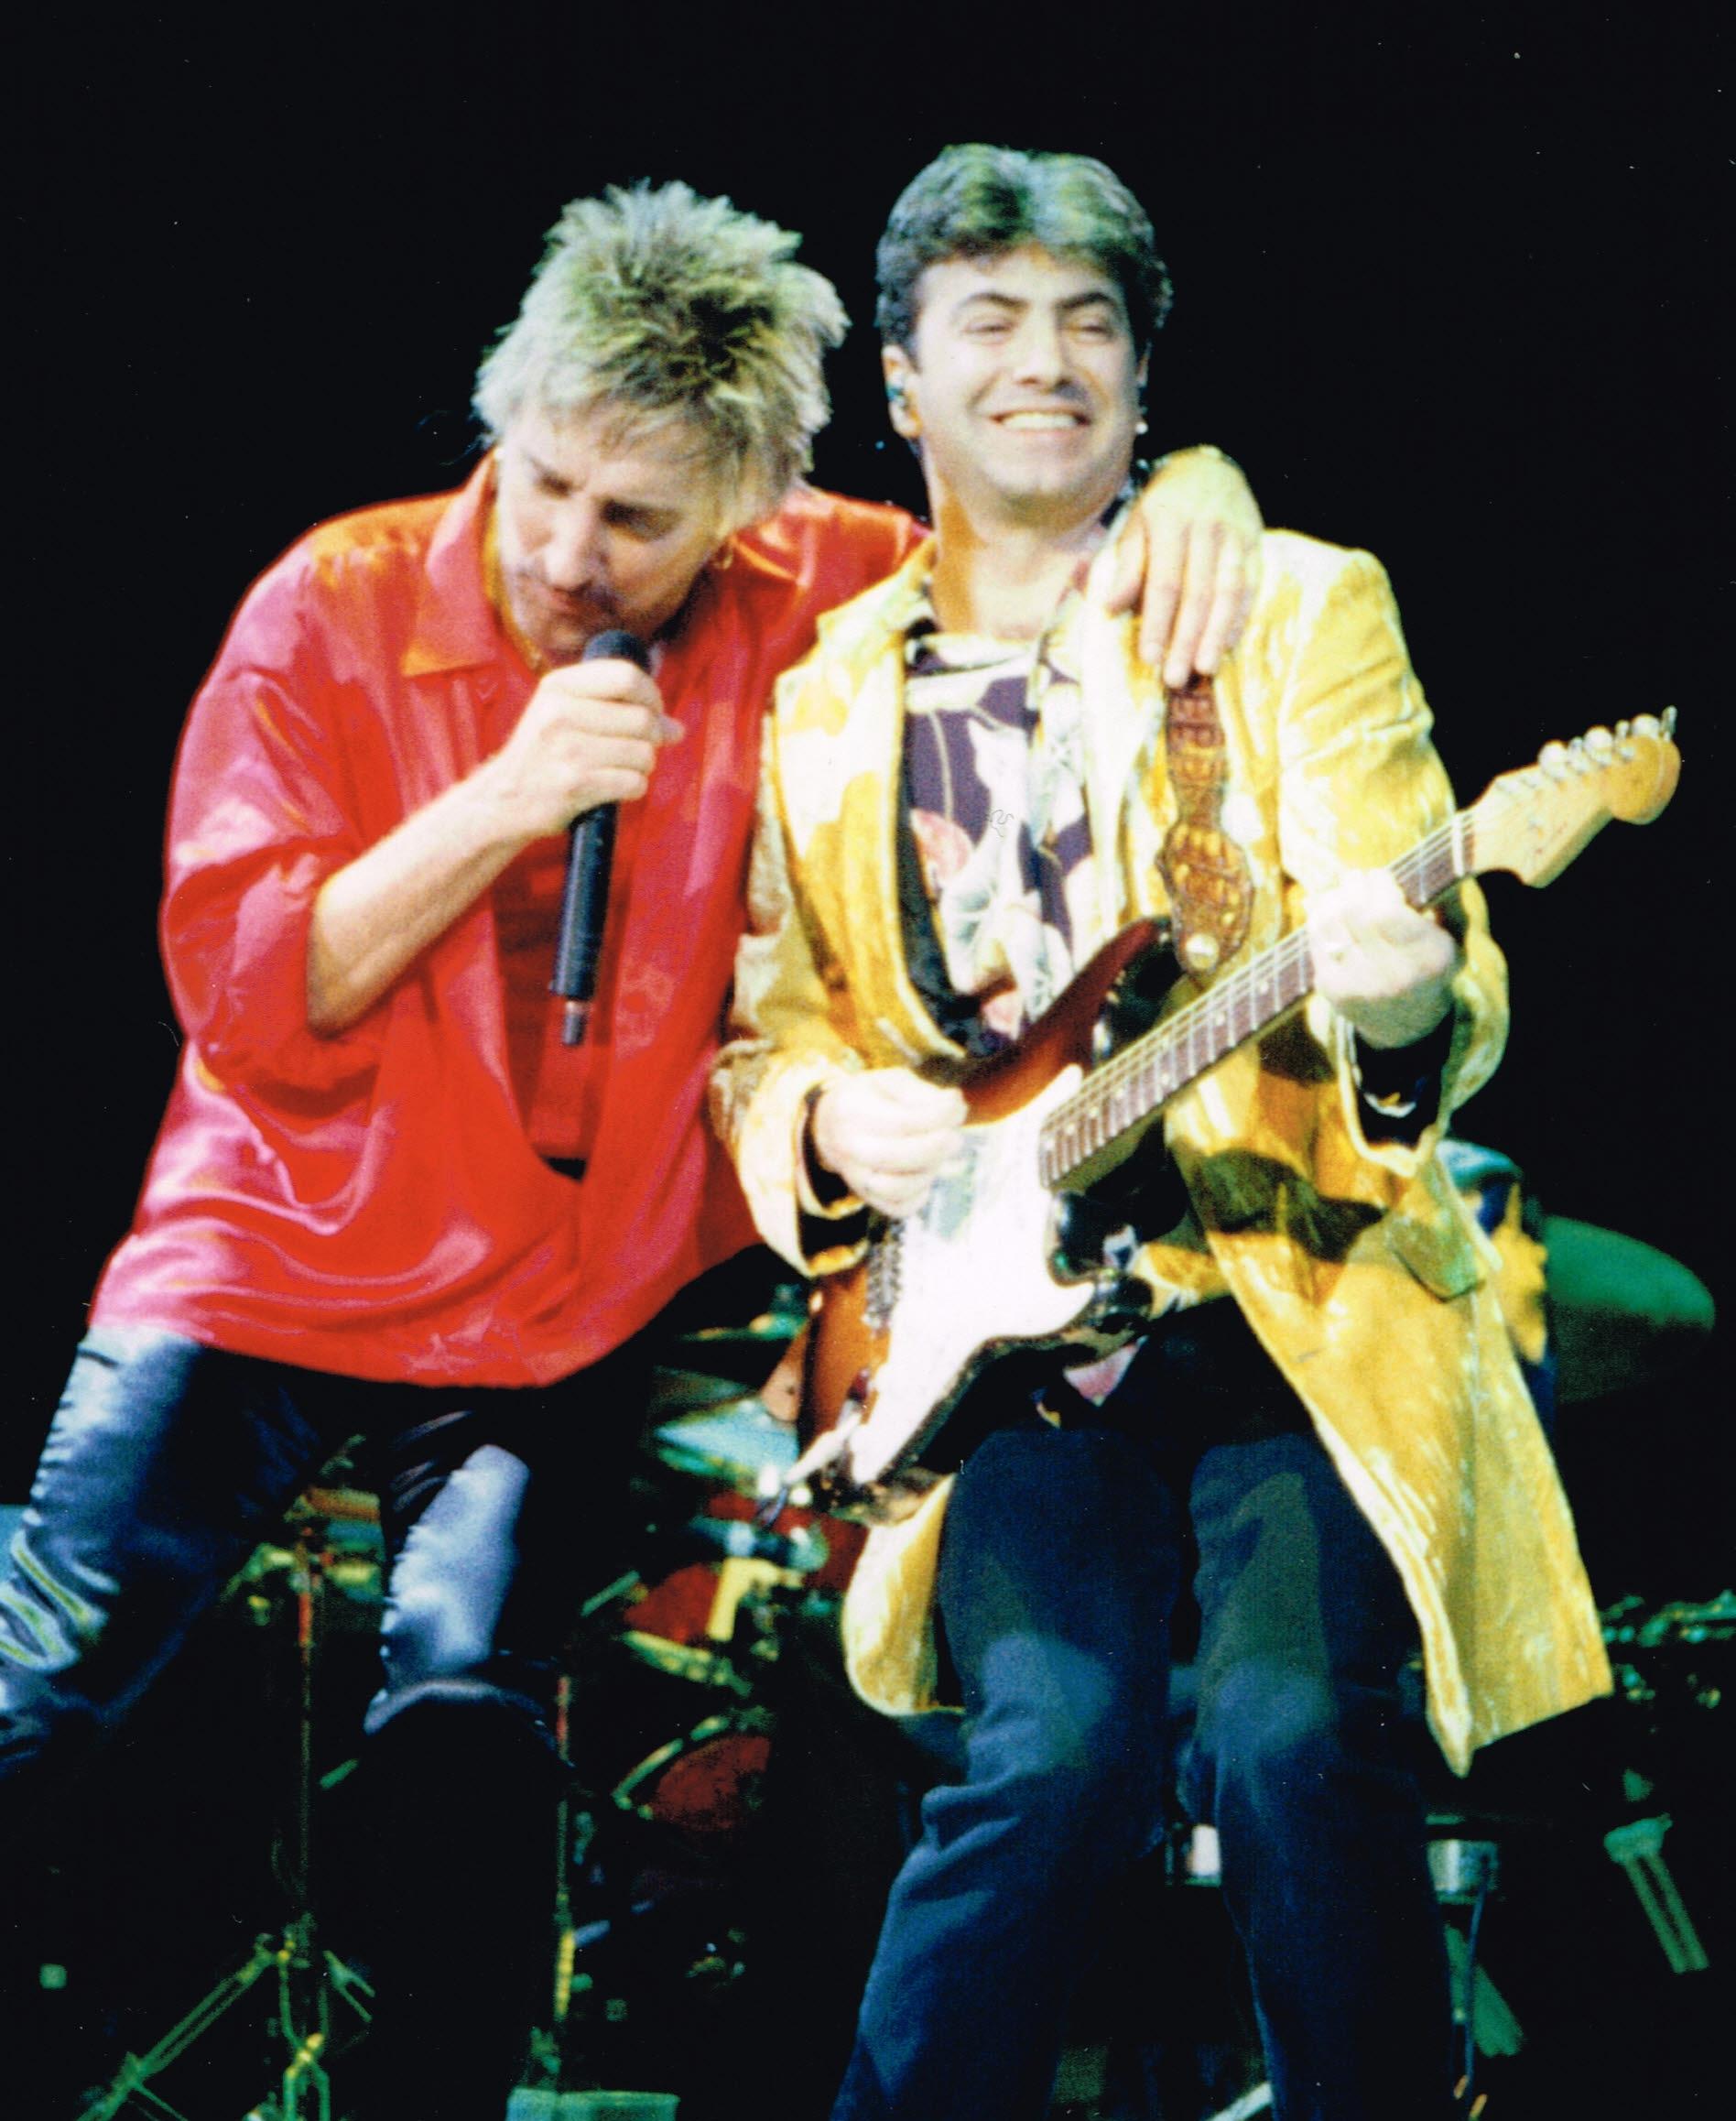 with Rod Stewart, Europe 1995